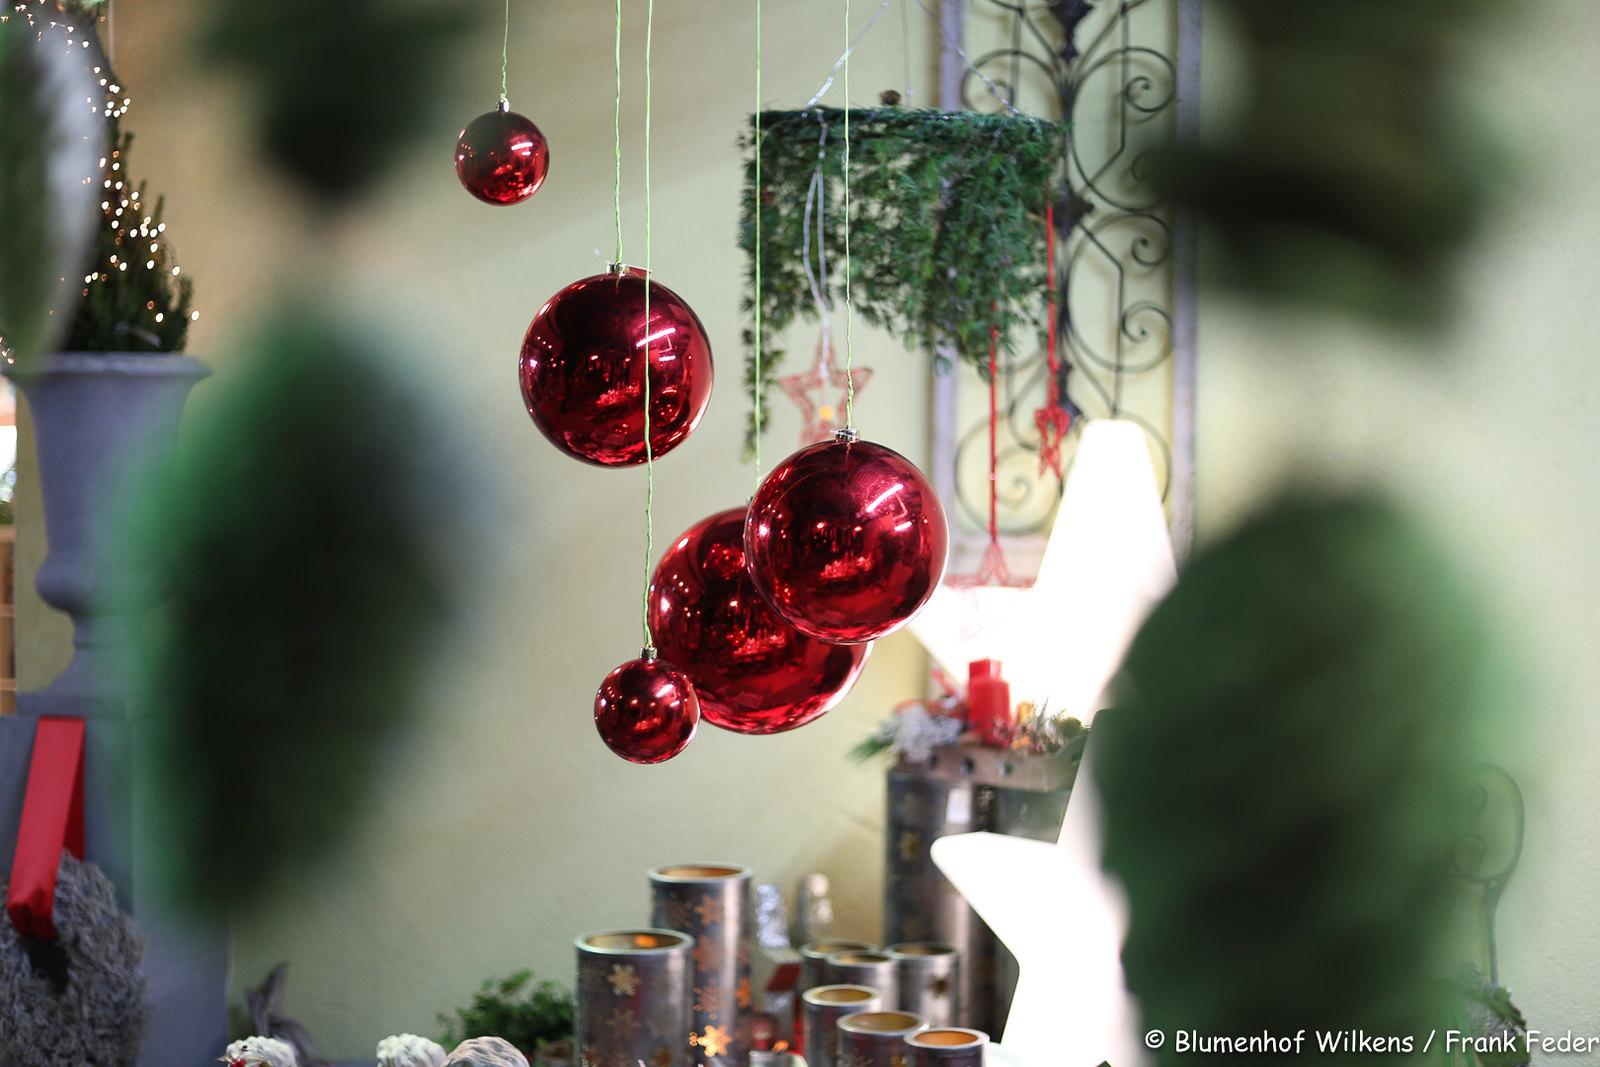 Weihnachten Blumenhof Wilkens 2016 11 10 0018